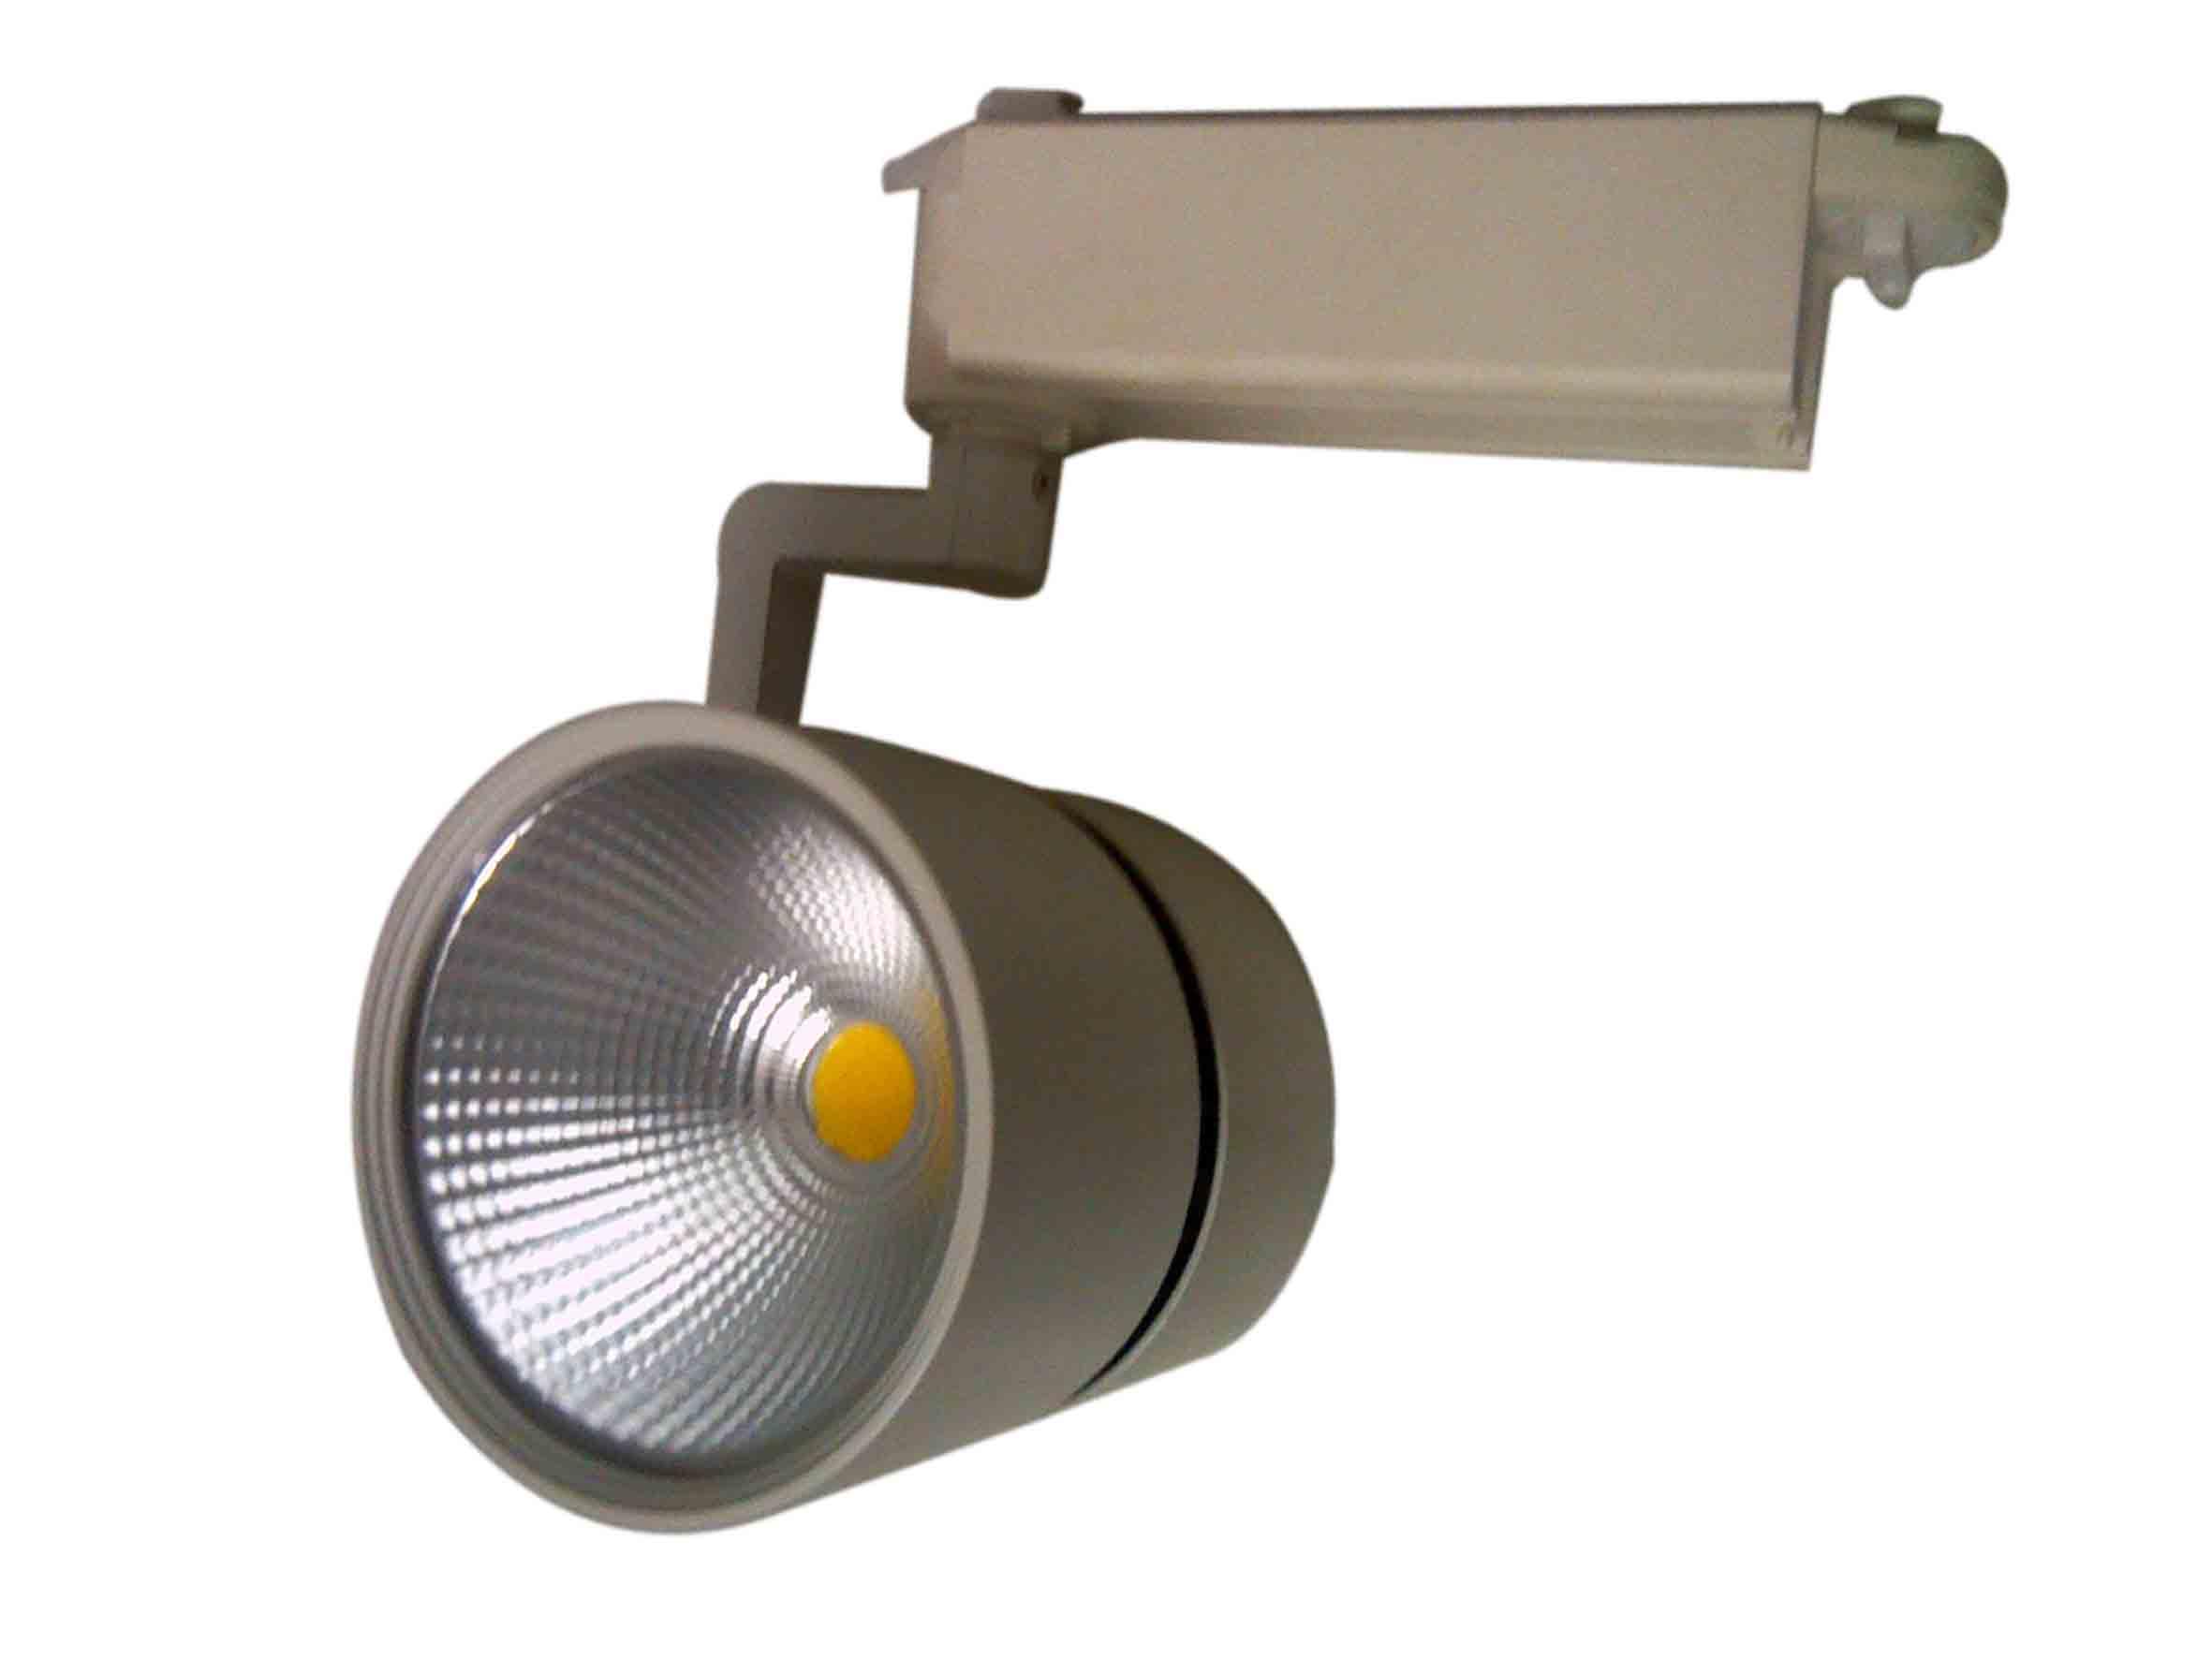 cob 轨道灯 led灯具 b2b网站免费采购